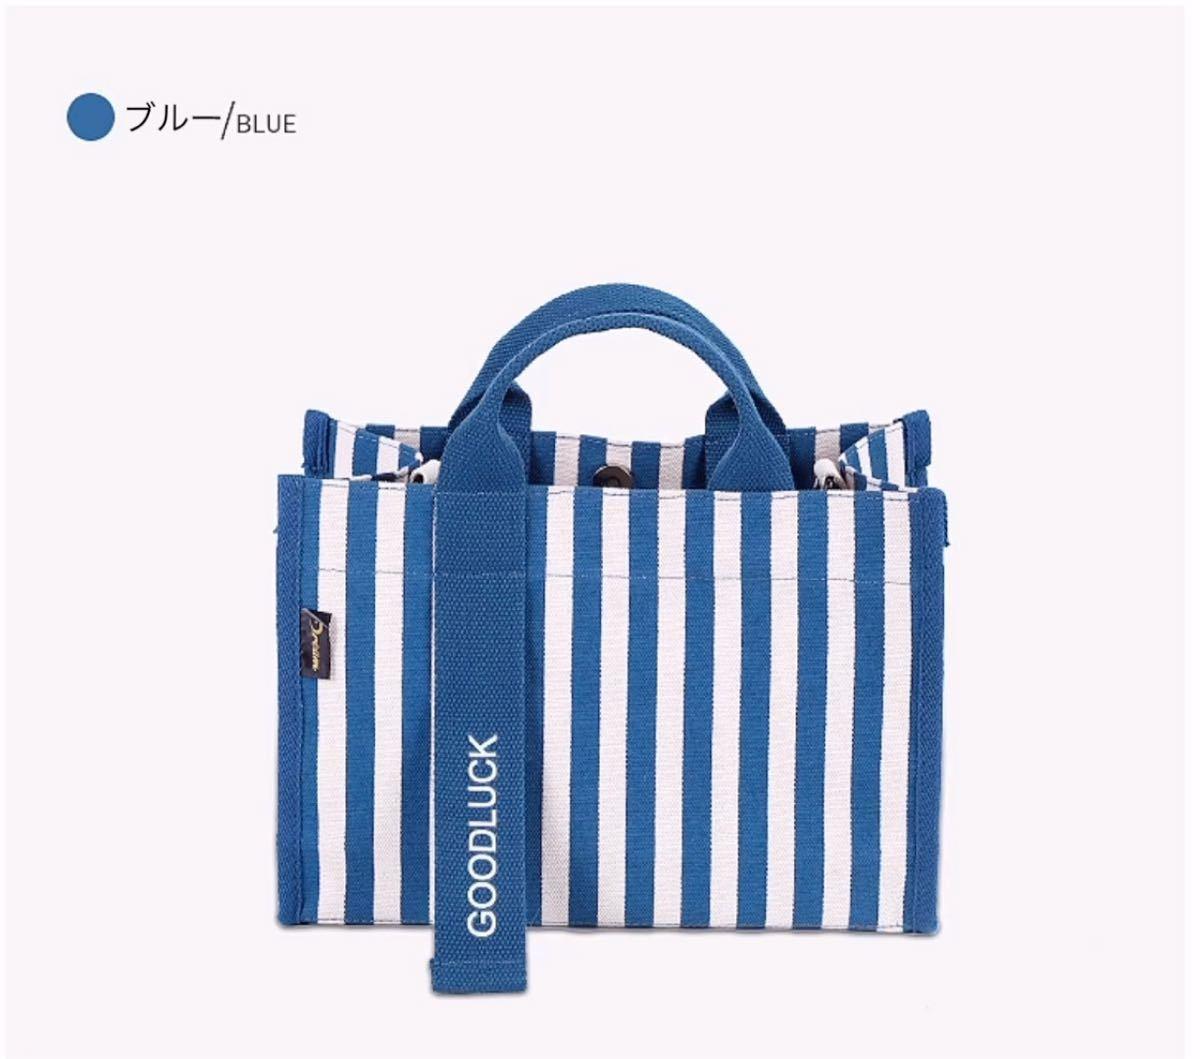 ショルダーバッグ ハンドバッグ 2wayバッグ キャンバス ブルー